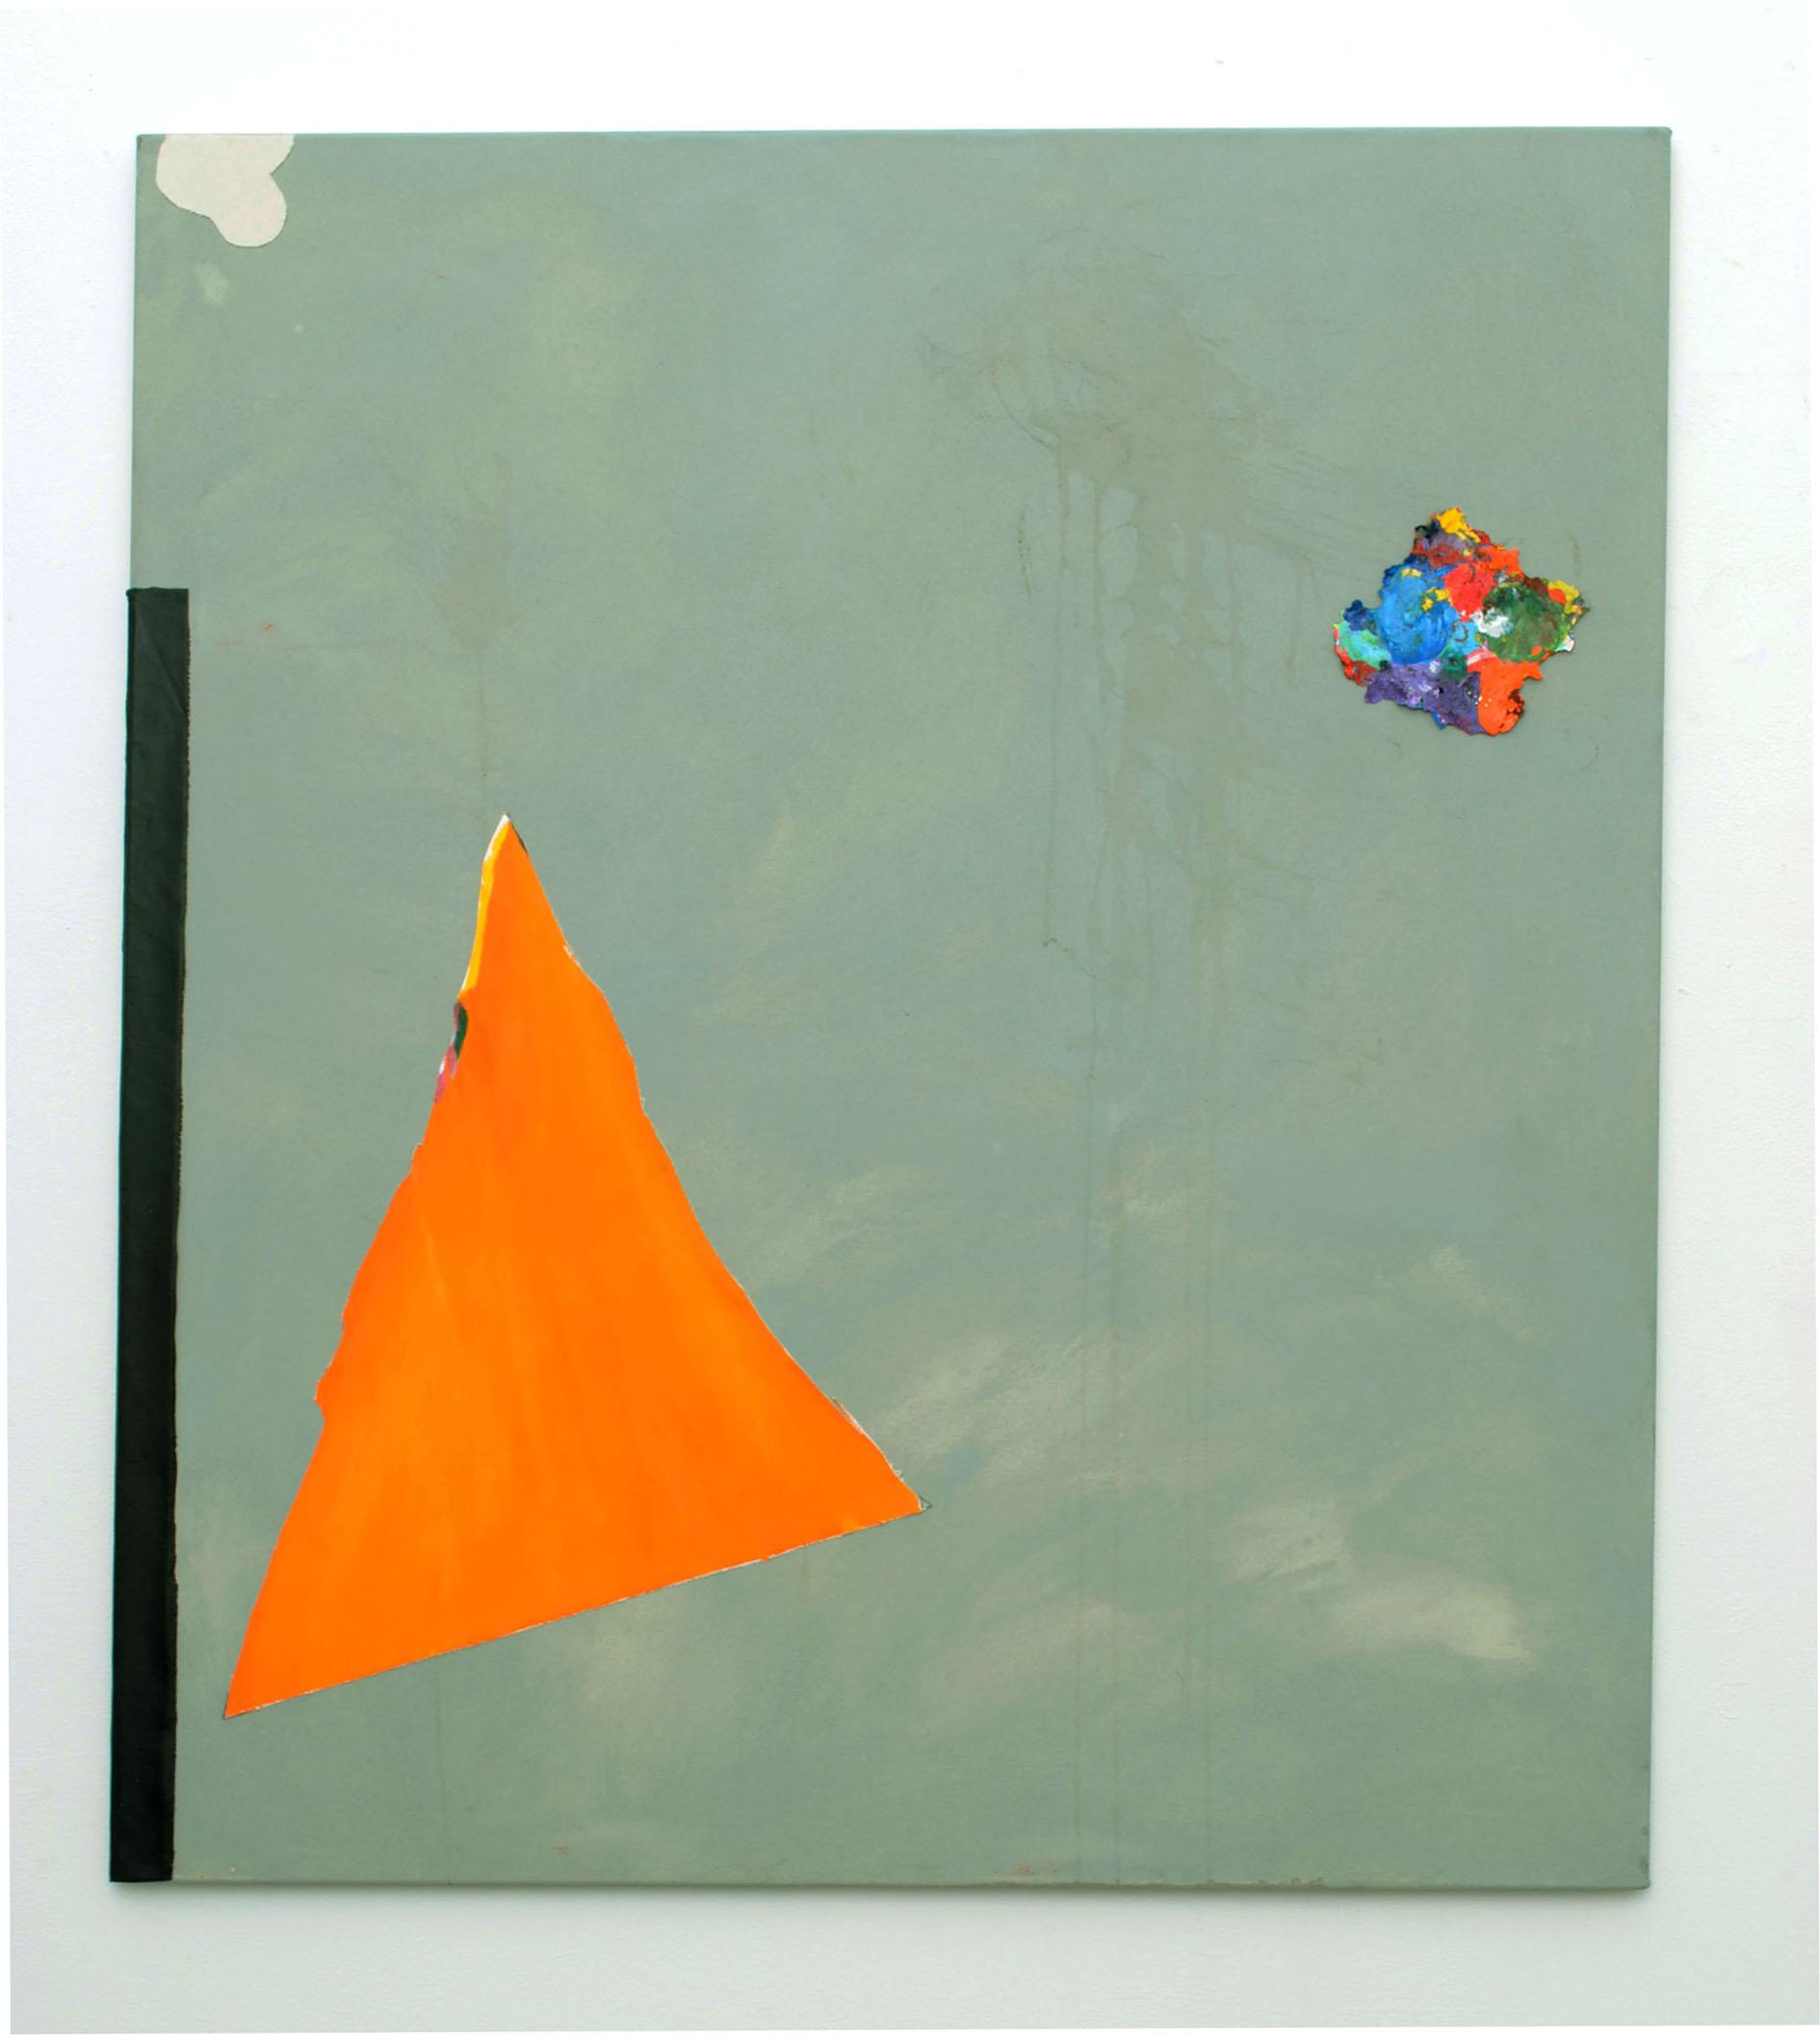 Untitled (orange triangle), 2011